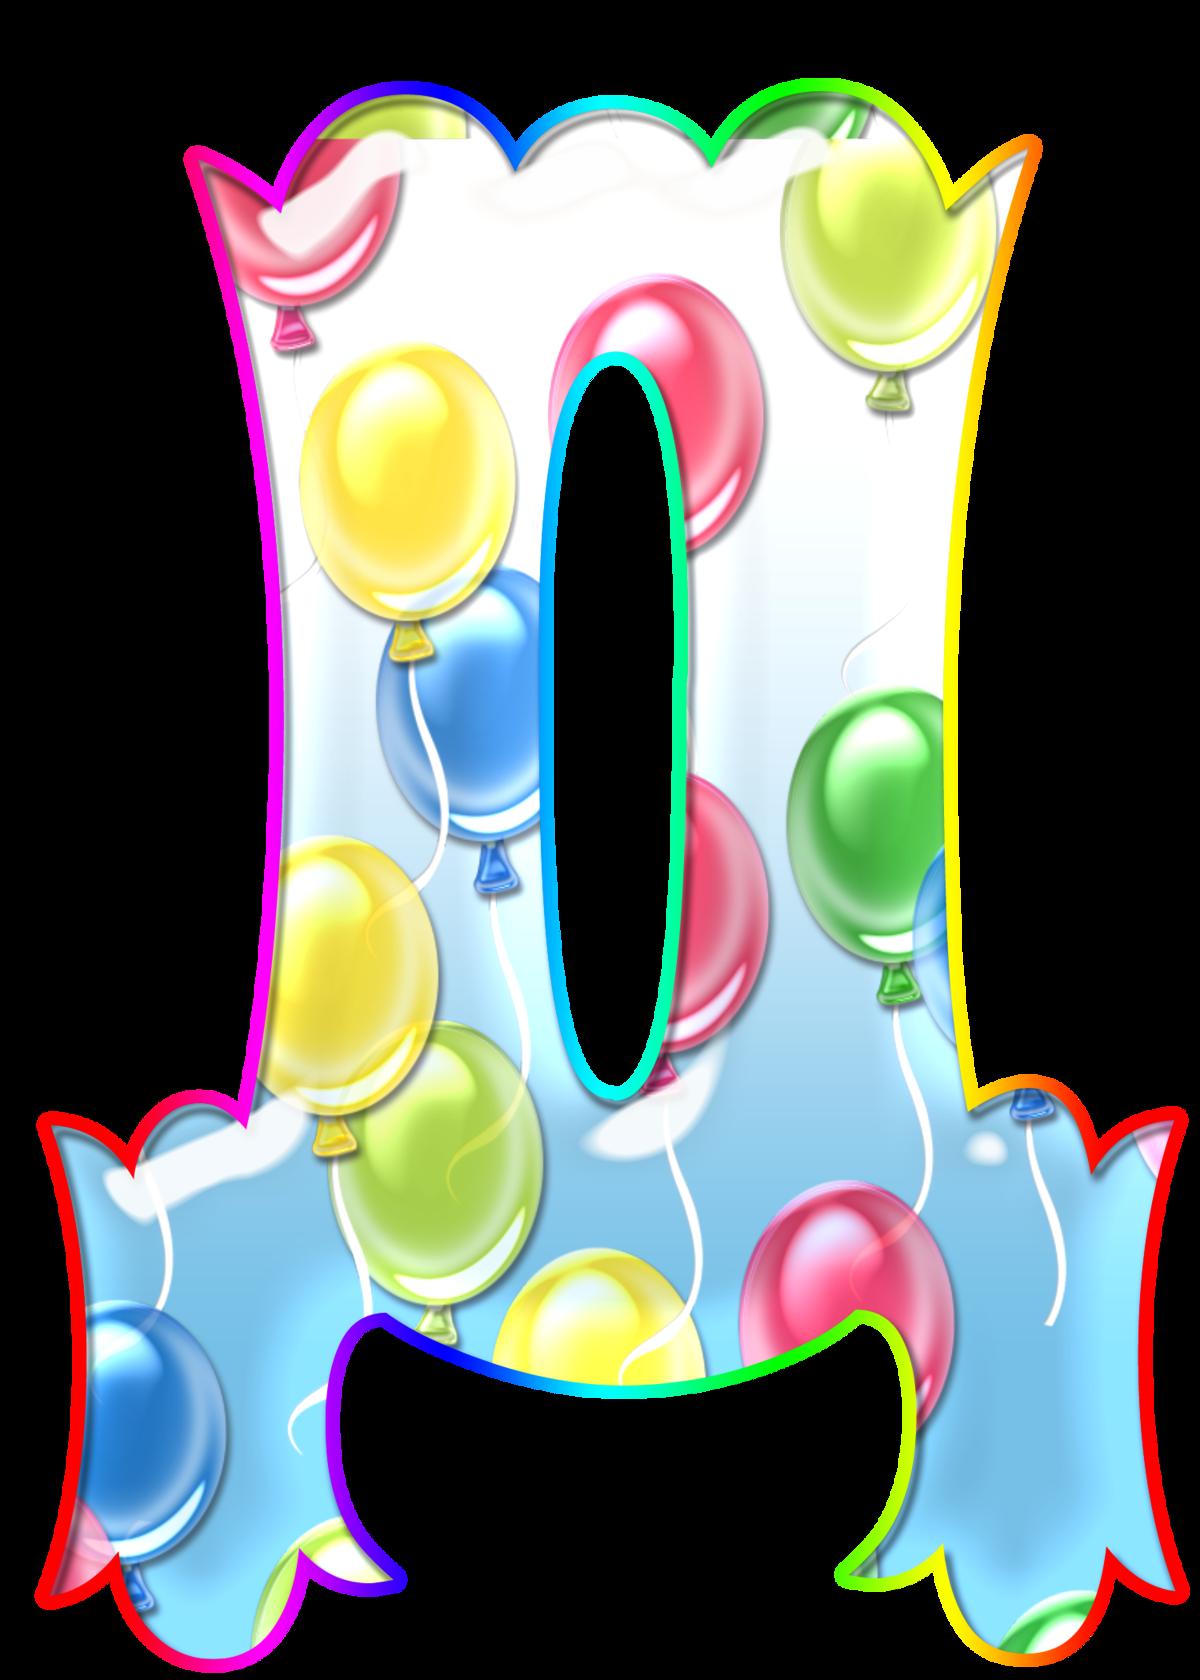 Красивые буквы русского алфавита для открытки с днем рождения, открытка